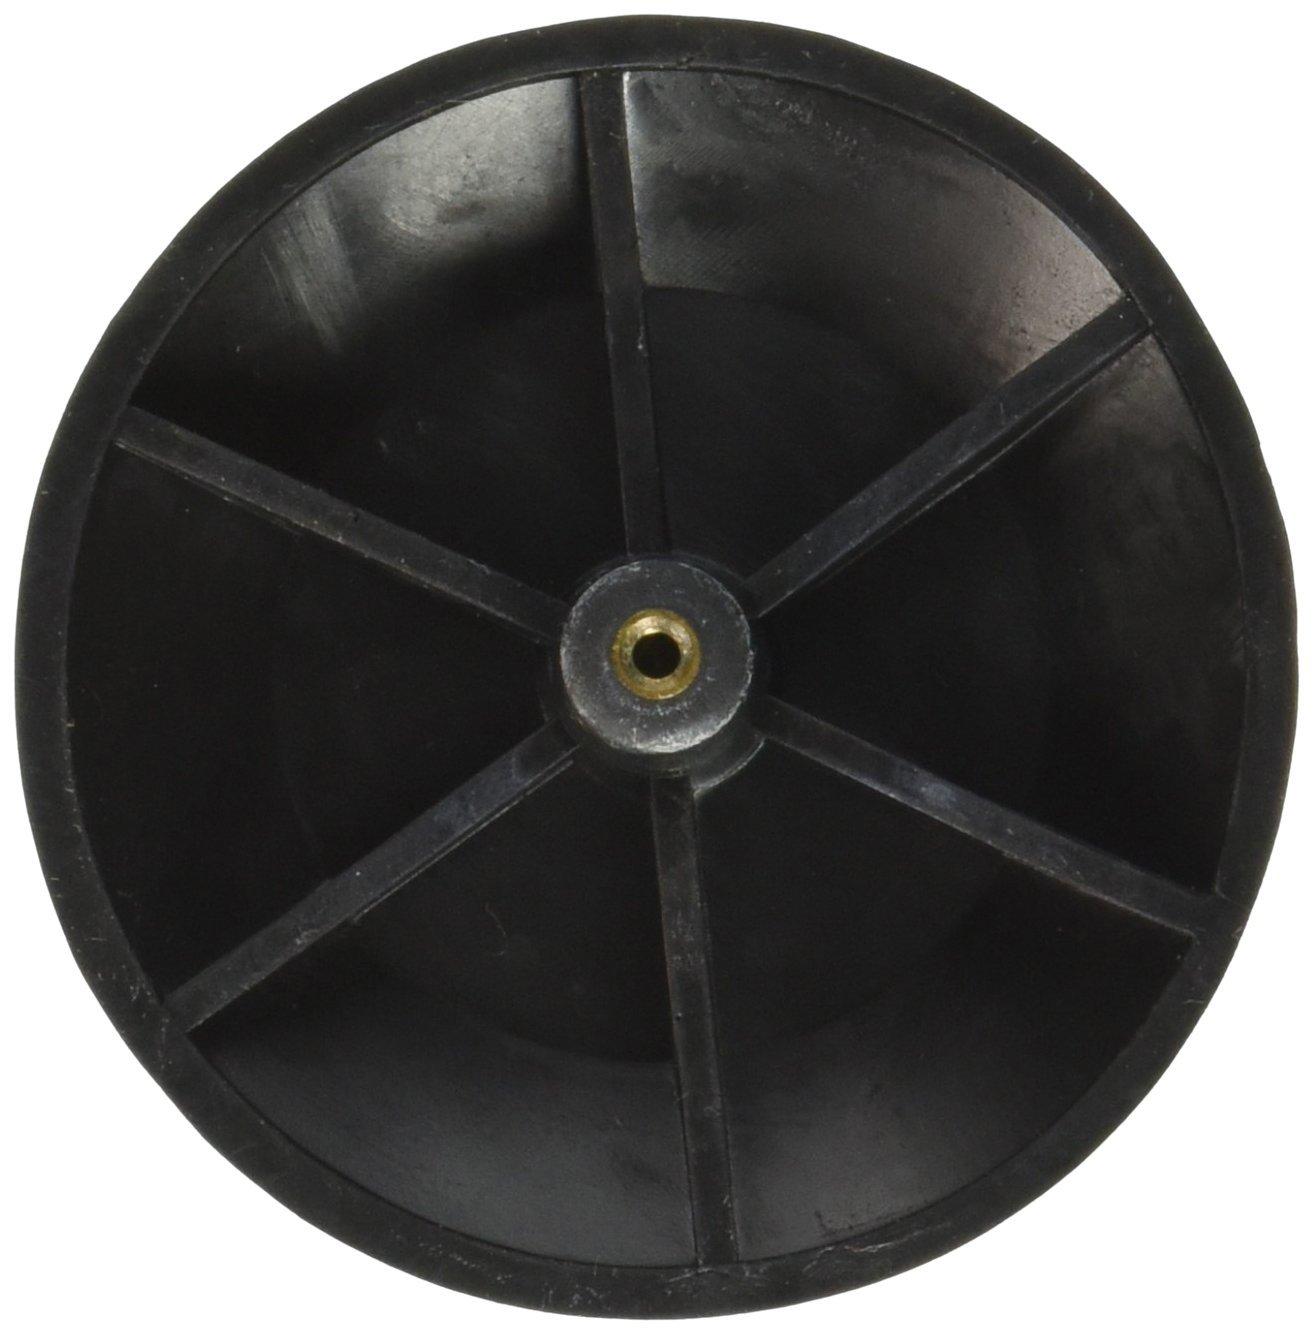 EZ-FLO 40081 Tilt Valve Seat Disc